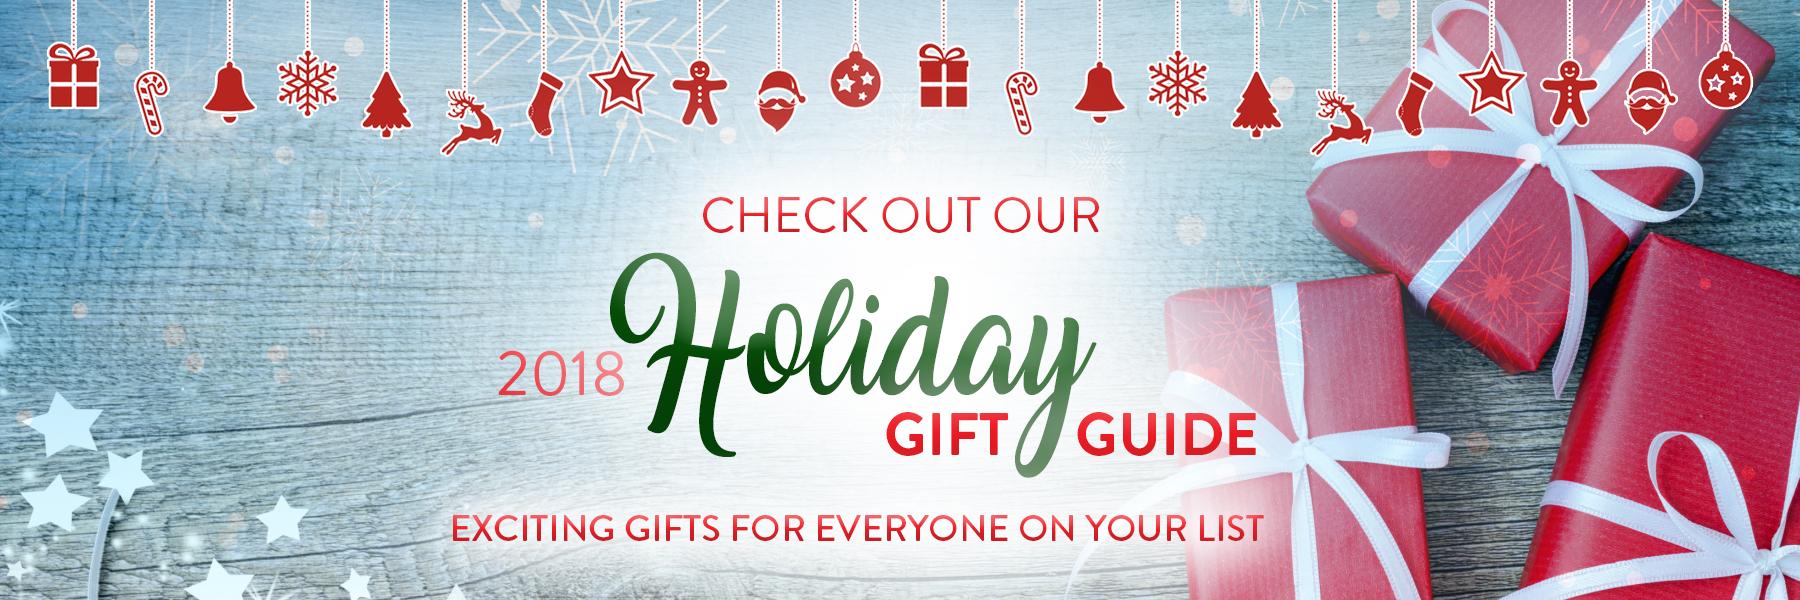 Gift Guide - website